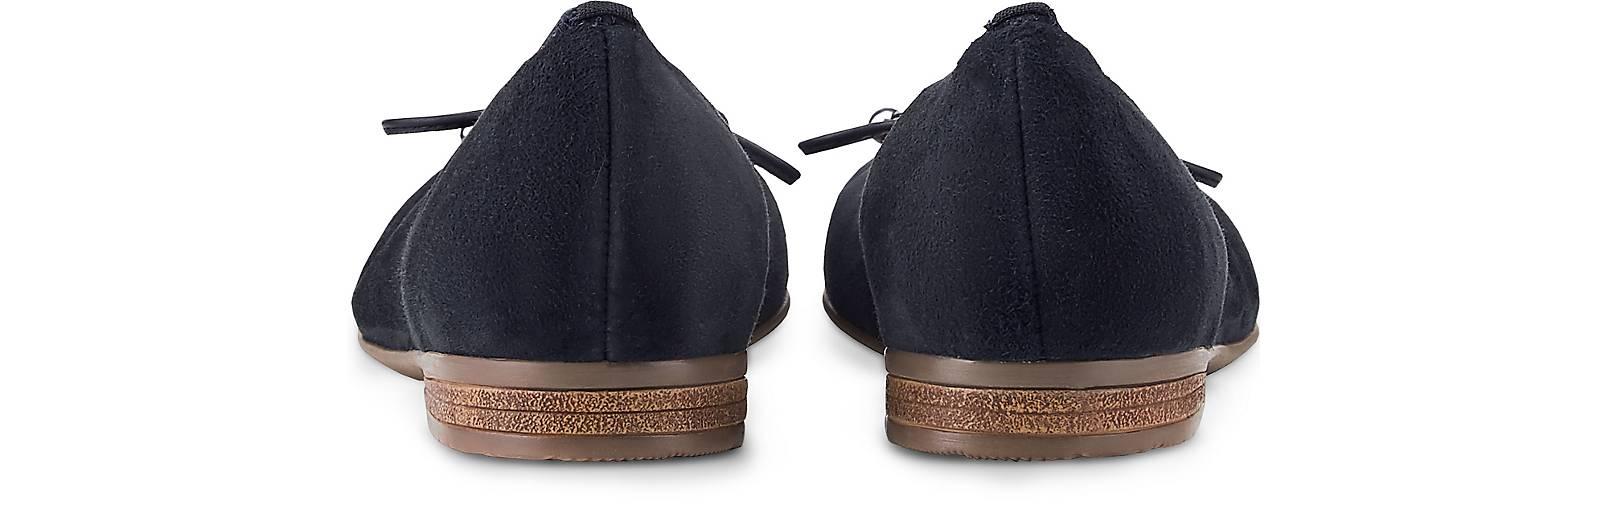 Ara Ballerina SARDINIA in blau-dunkel kaufen - 48251301 48251301 48251301 GÖRTZ Gute Qualität beliebte Schuhe 2aeffe